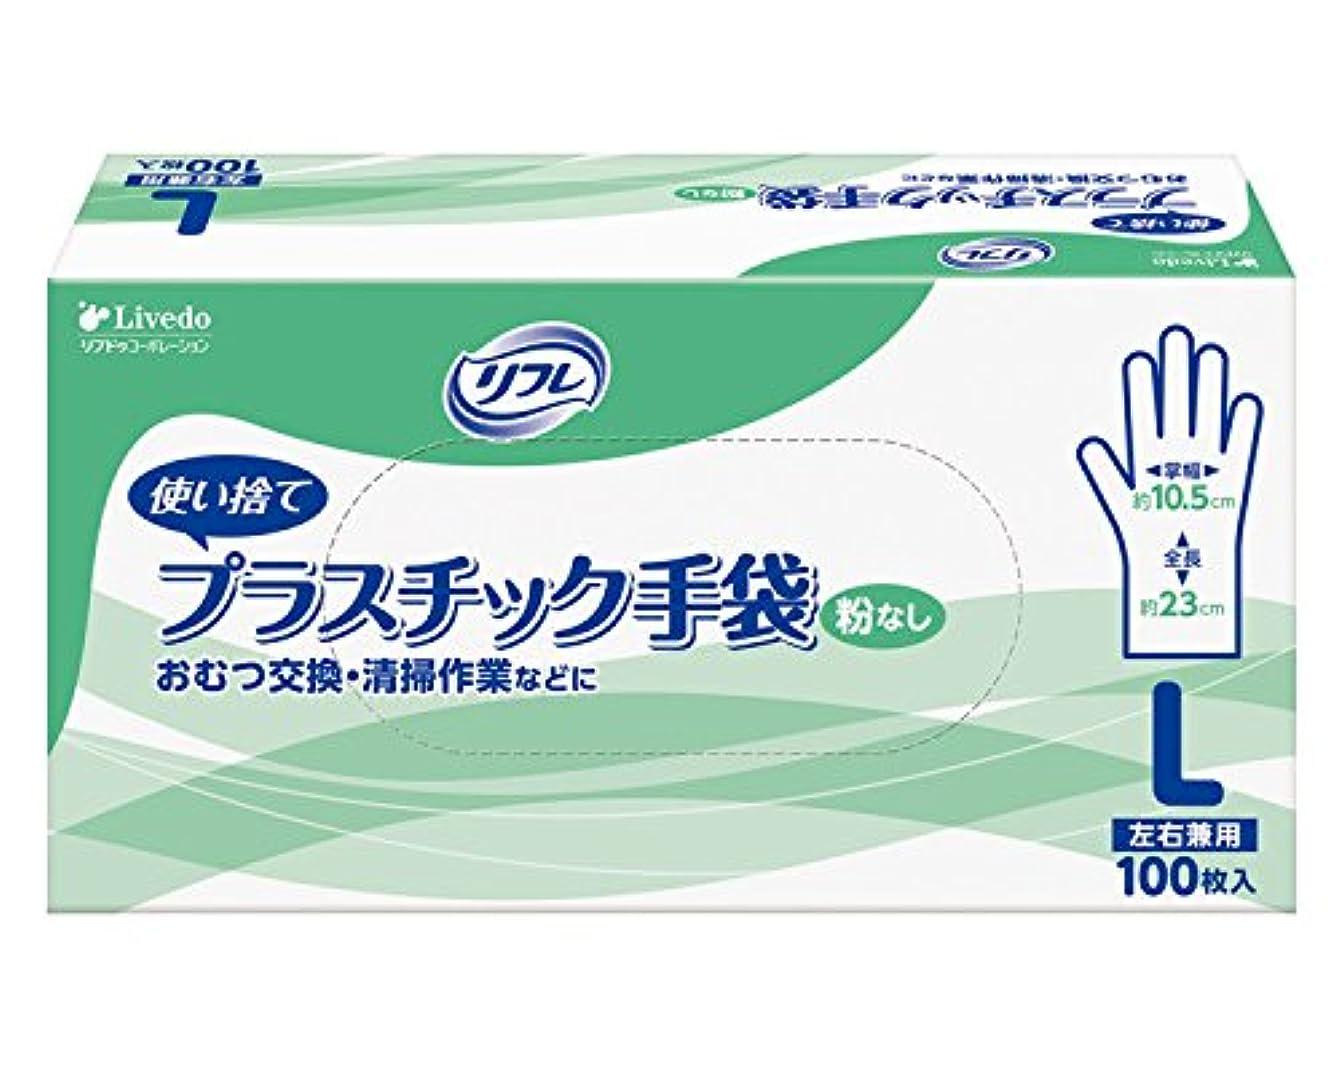 締める二週間安全でないリフレ プラスチック手袋 粉なし L 1ケース(1箱100枚×20小箱入) 92117 (リブドゥコーポレーション) (プラ手袋?ゴム手袋)